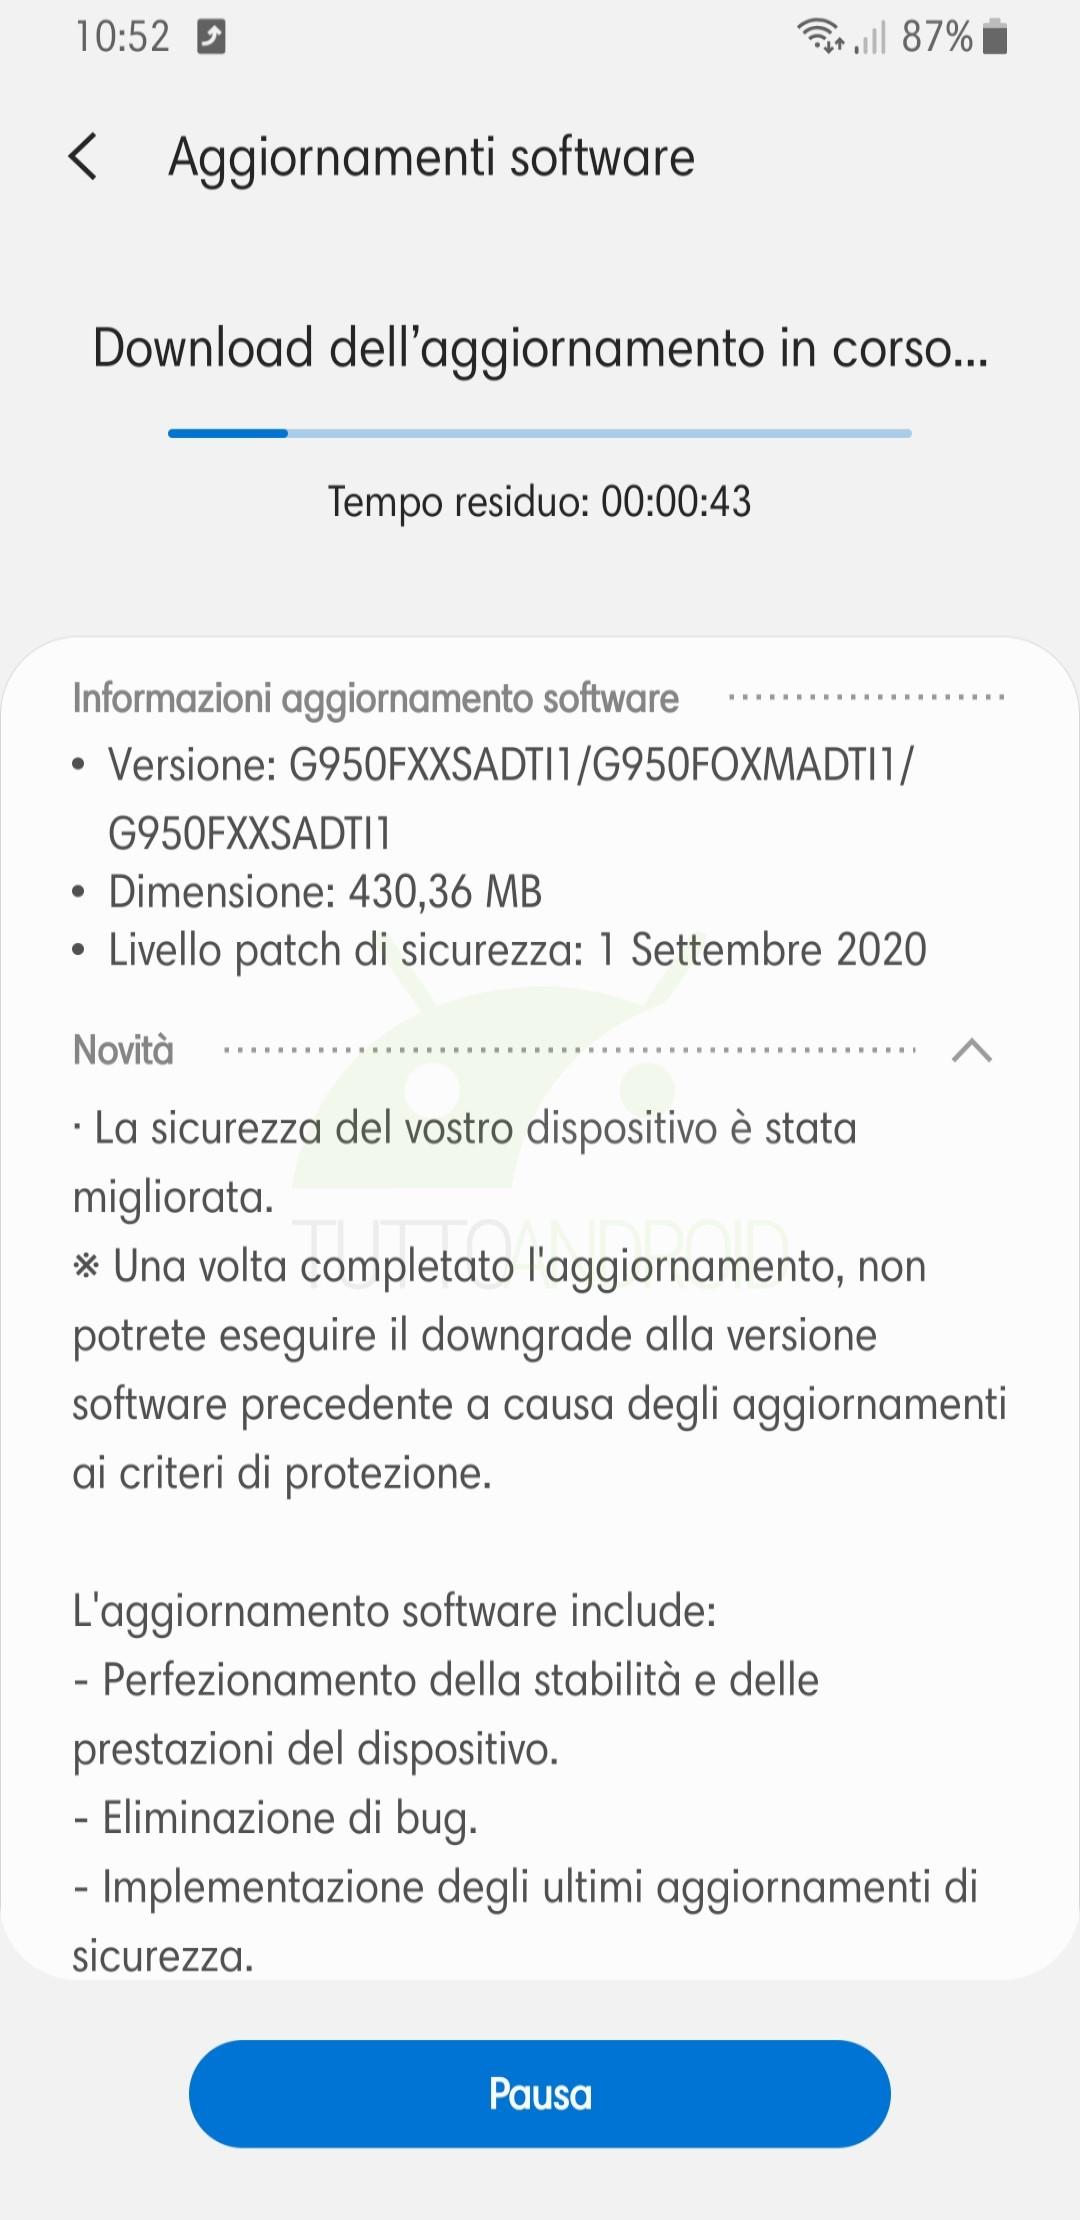 Samsung Galaxy S8 aggiornamento patch di settembre 2020